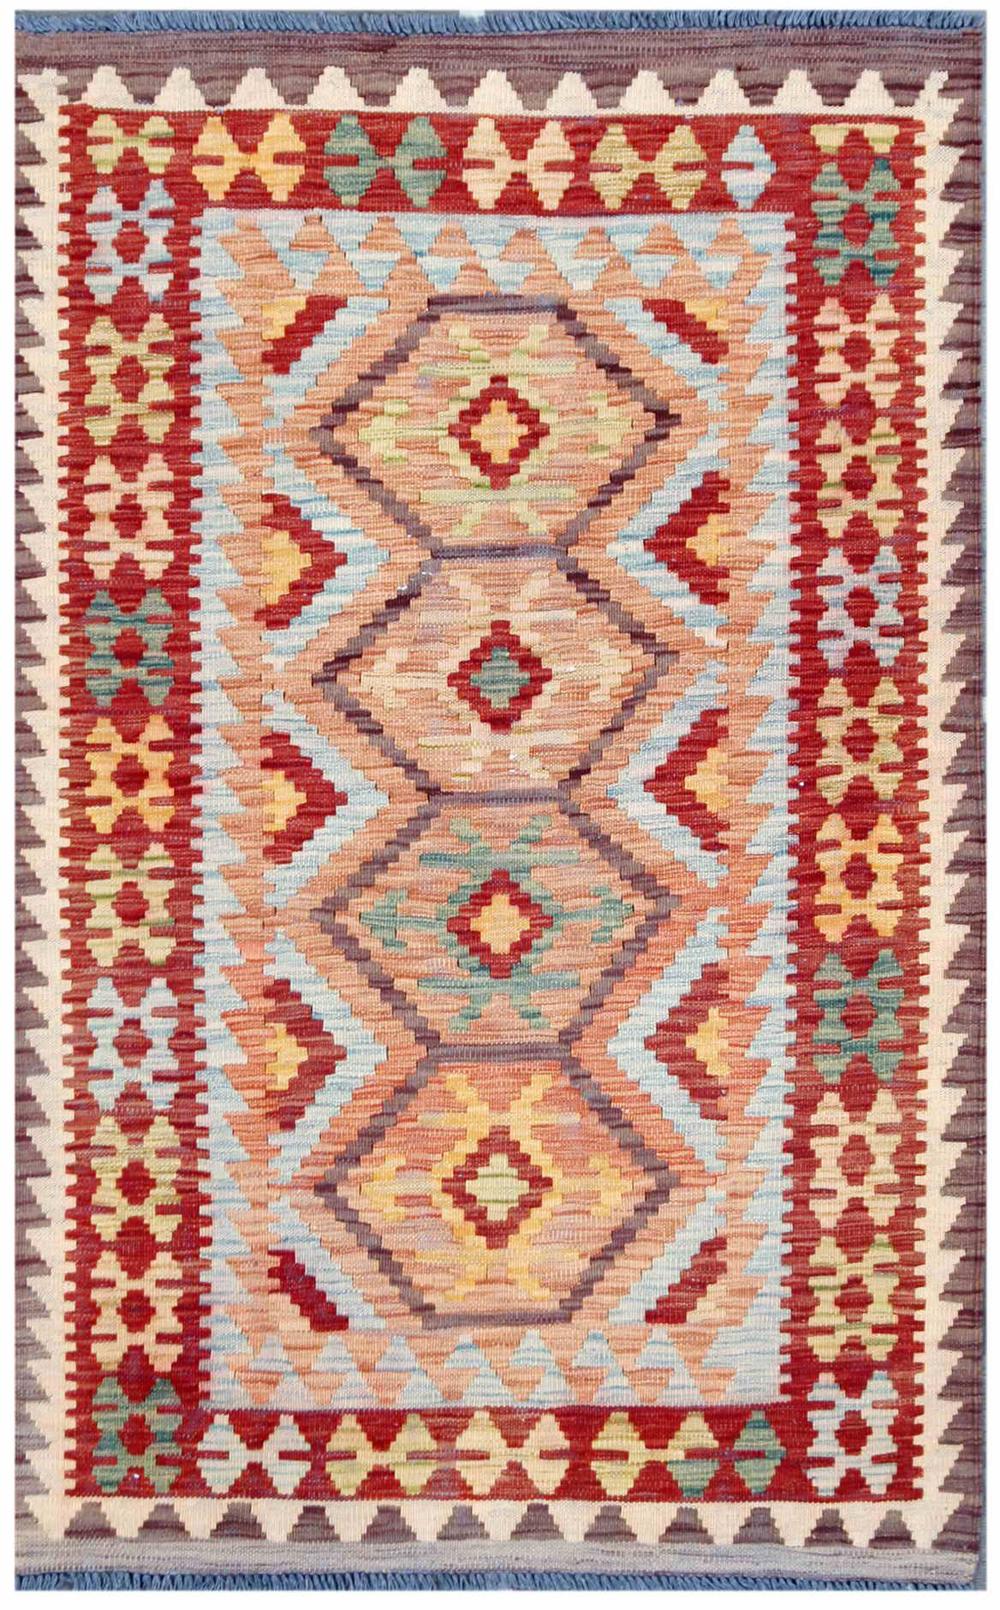 Afghan Rugs Ebay 3 X 5 Kilim Rug Knotted